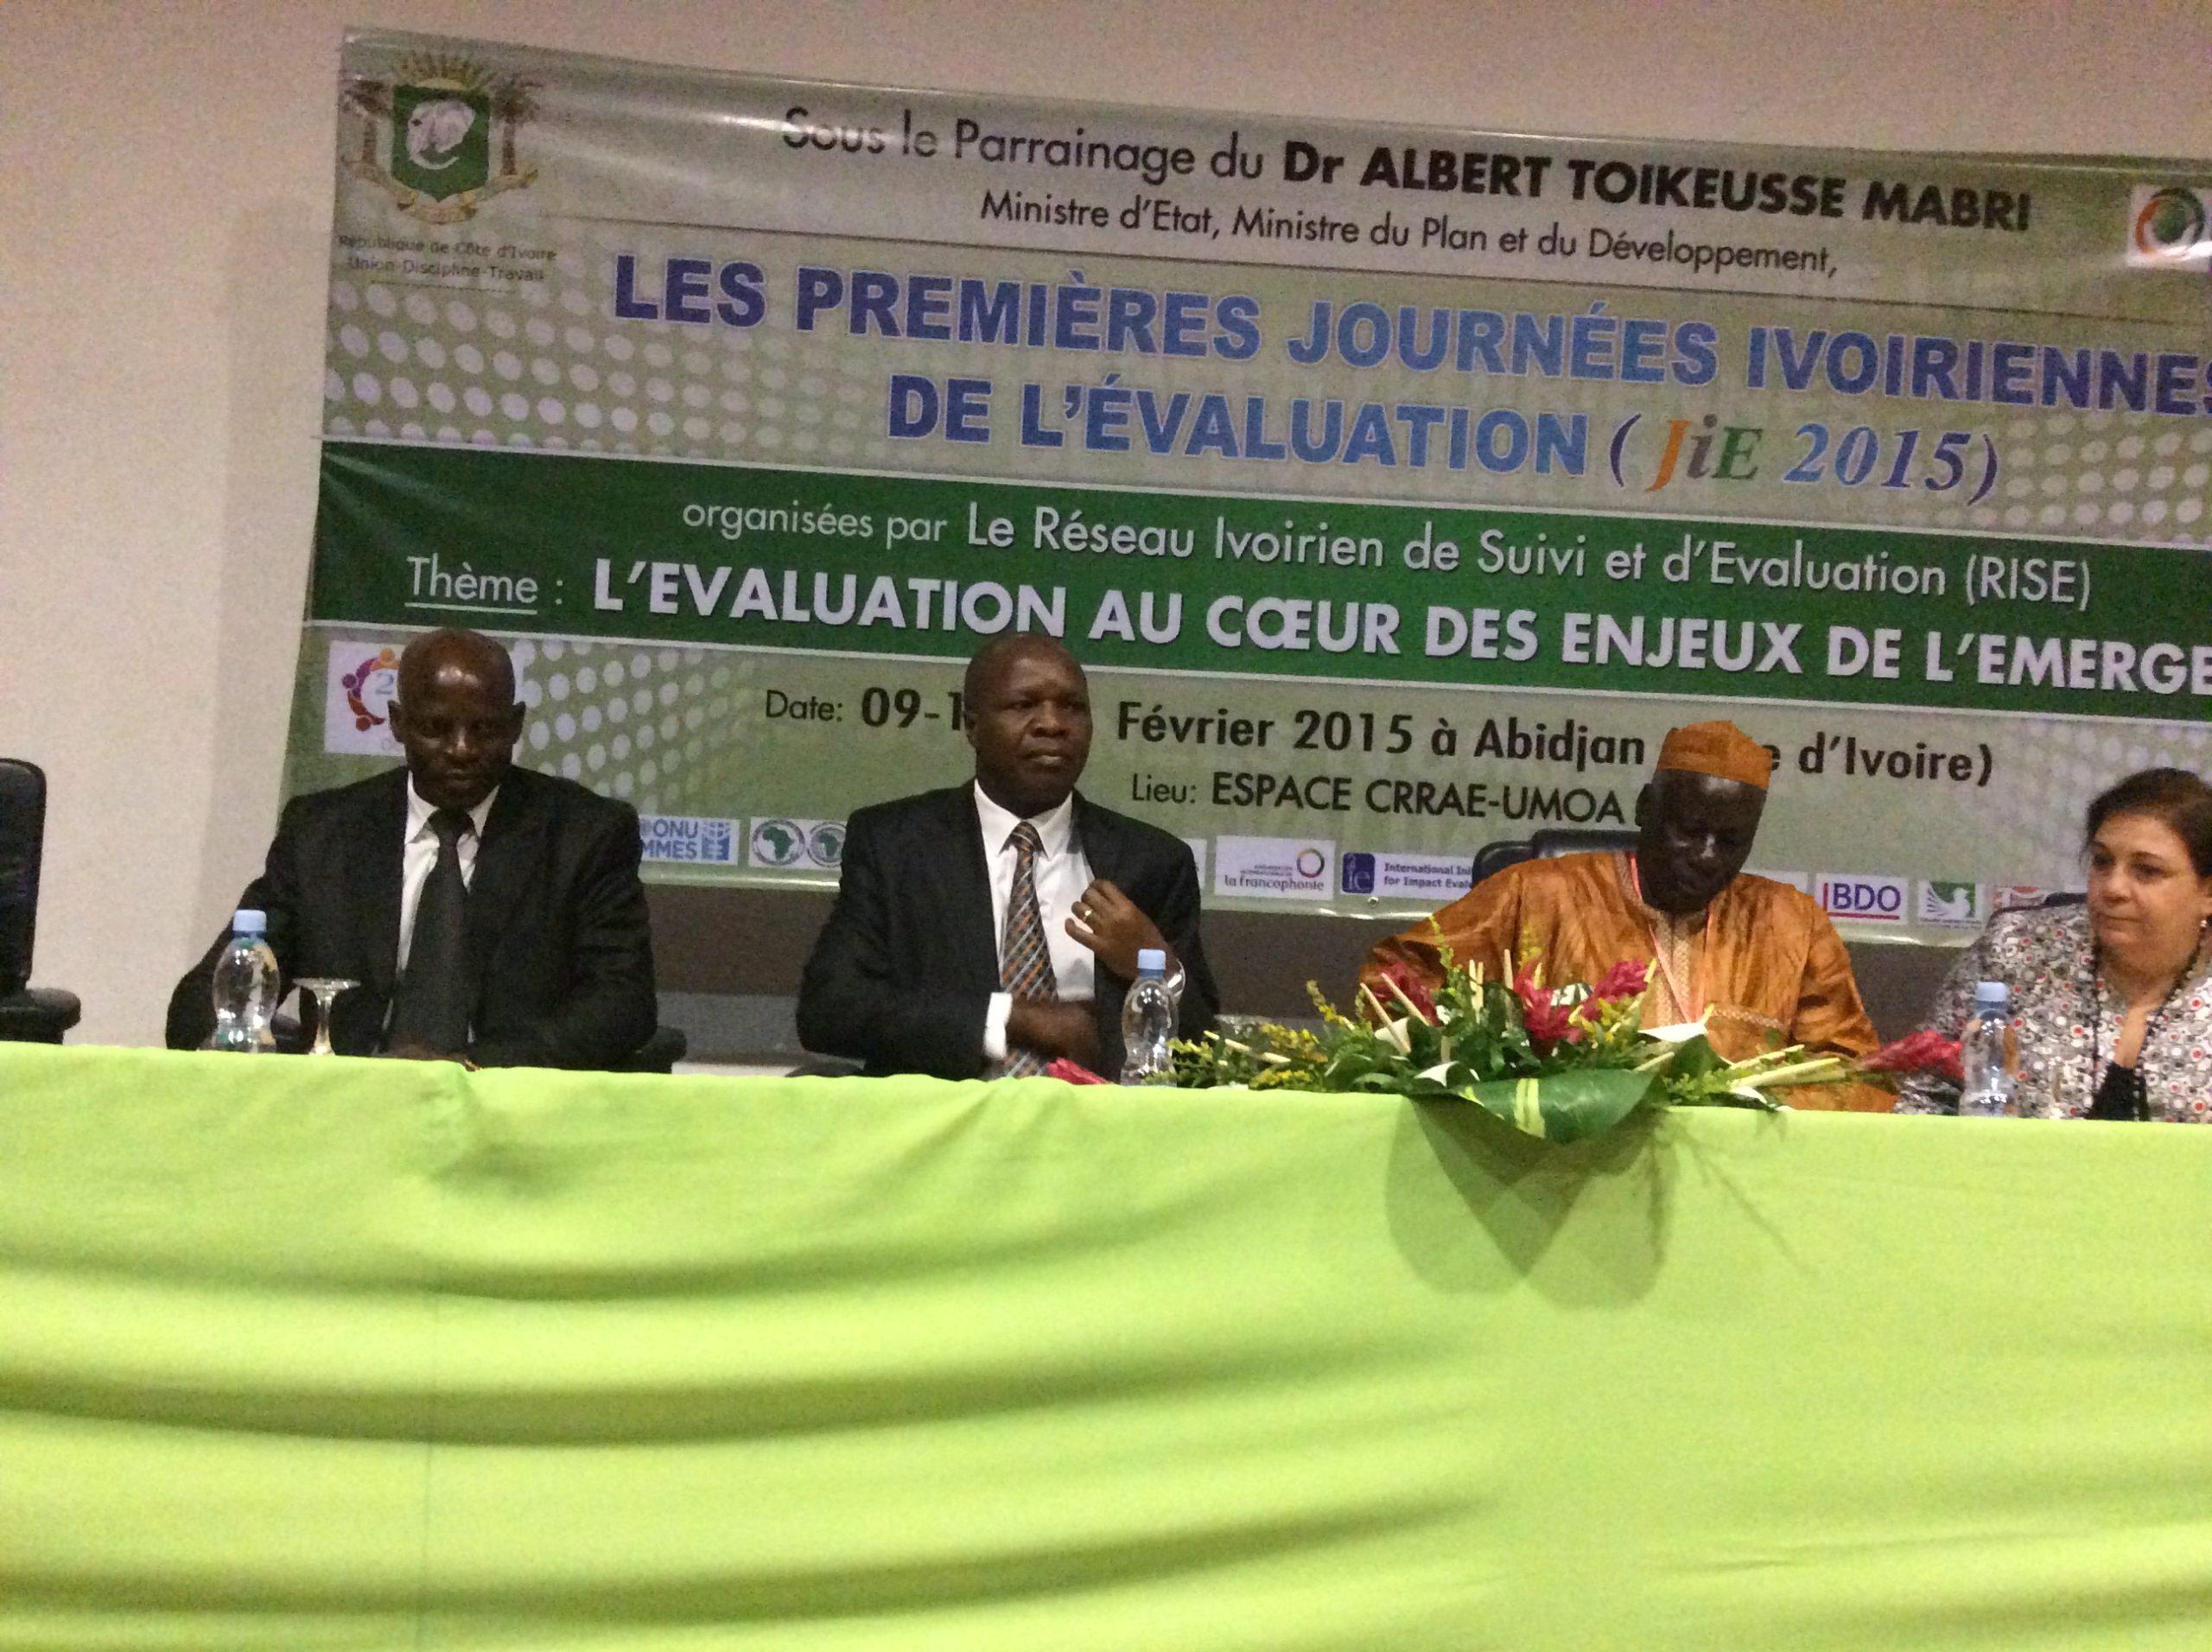 President du RISE (Pr DIAWARA), le MEMPD (MABRI), le SG AfrEA (GADO), la répresentante pays de l'UNICEF assurant l'intérim du Coordonnateur Résident du SNU en Côte d'Ivoire (Mme Adèle KHUDR)